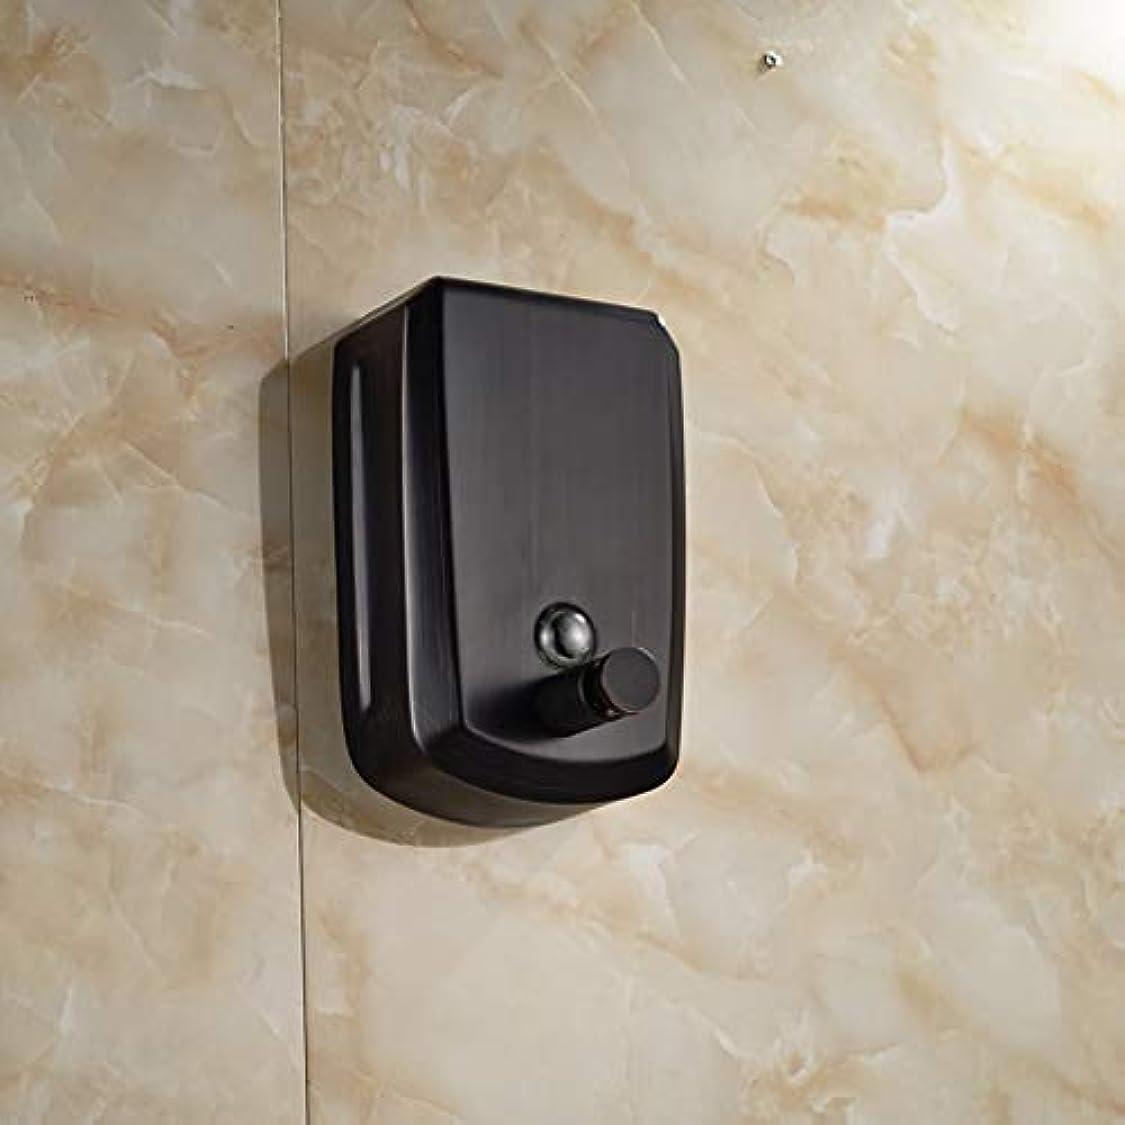 ヘッドレスパーク持っているLUDSUY Oil Rubbed Bronze 800ml Bathroom Soap Dispenser Liquid Soap Pump Lotion DispenserBathroom accessories